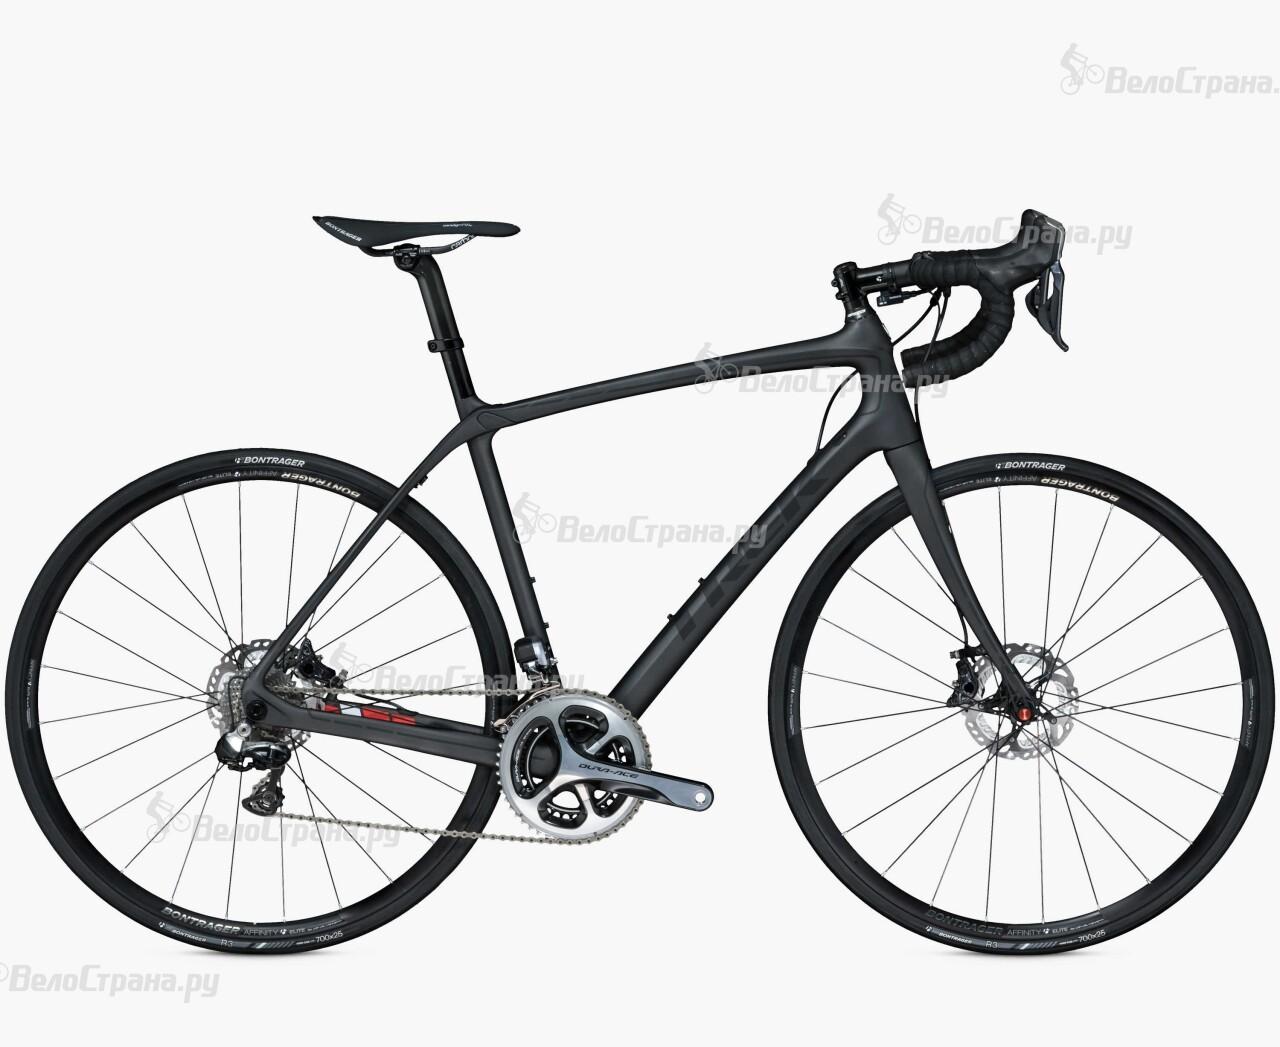 Велосипед Trek Domane 6.9 Disc (2016) велосипед trek domane alr 4 disc 2017